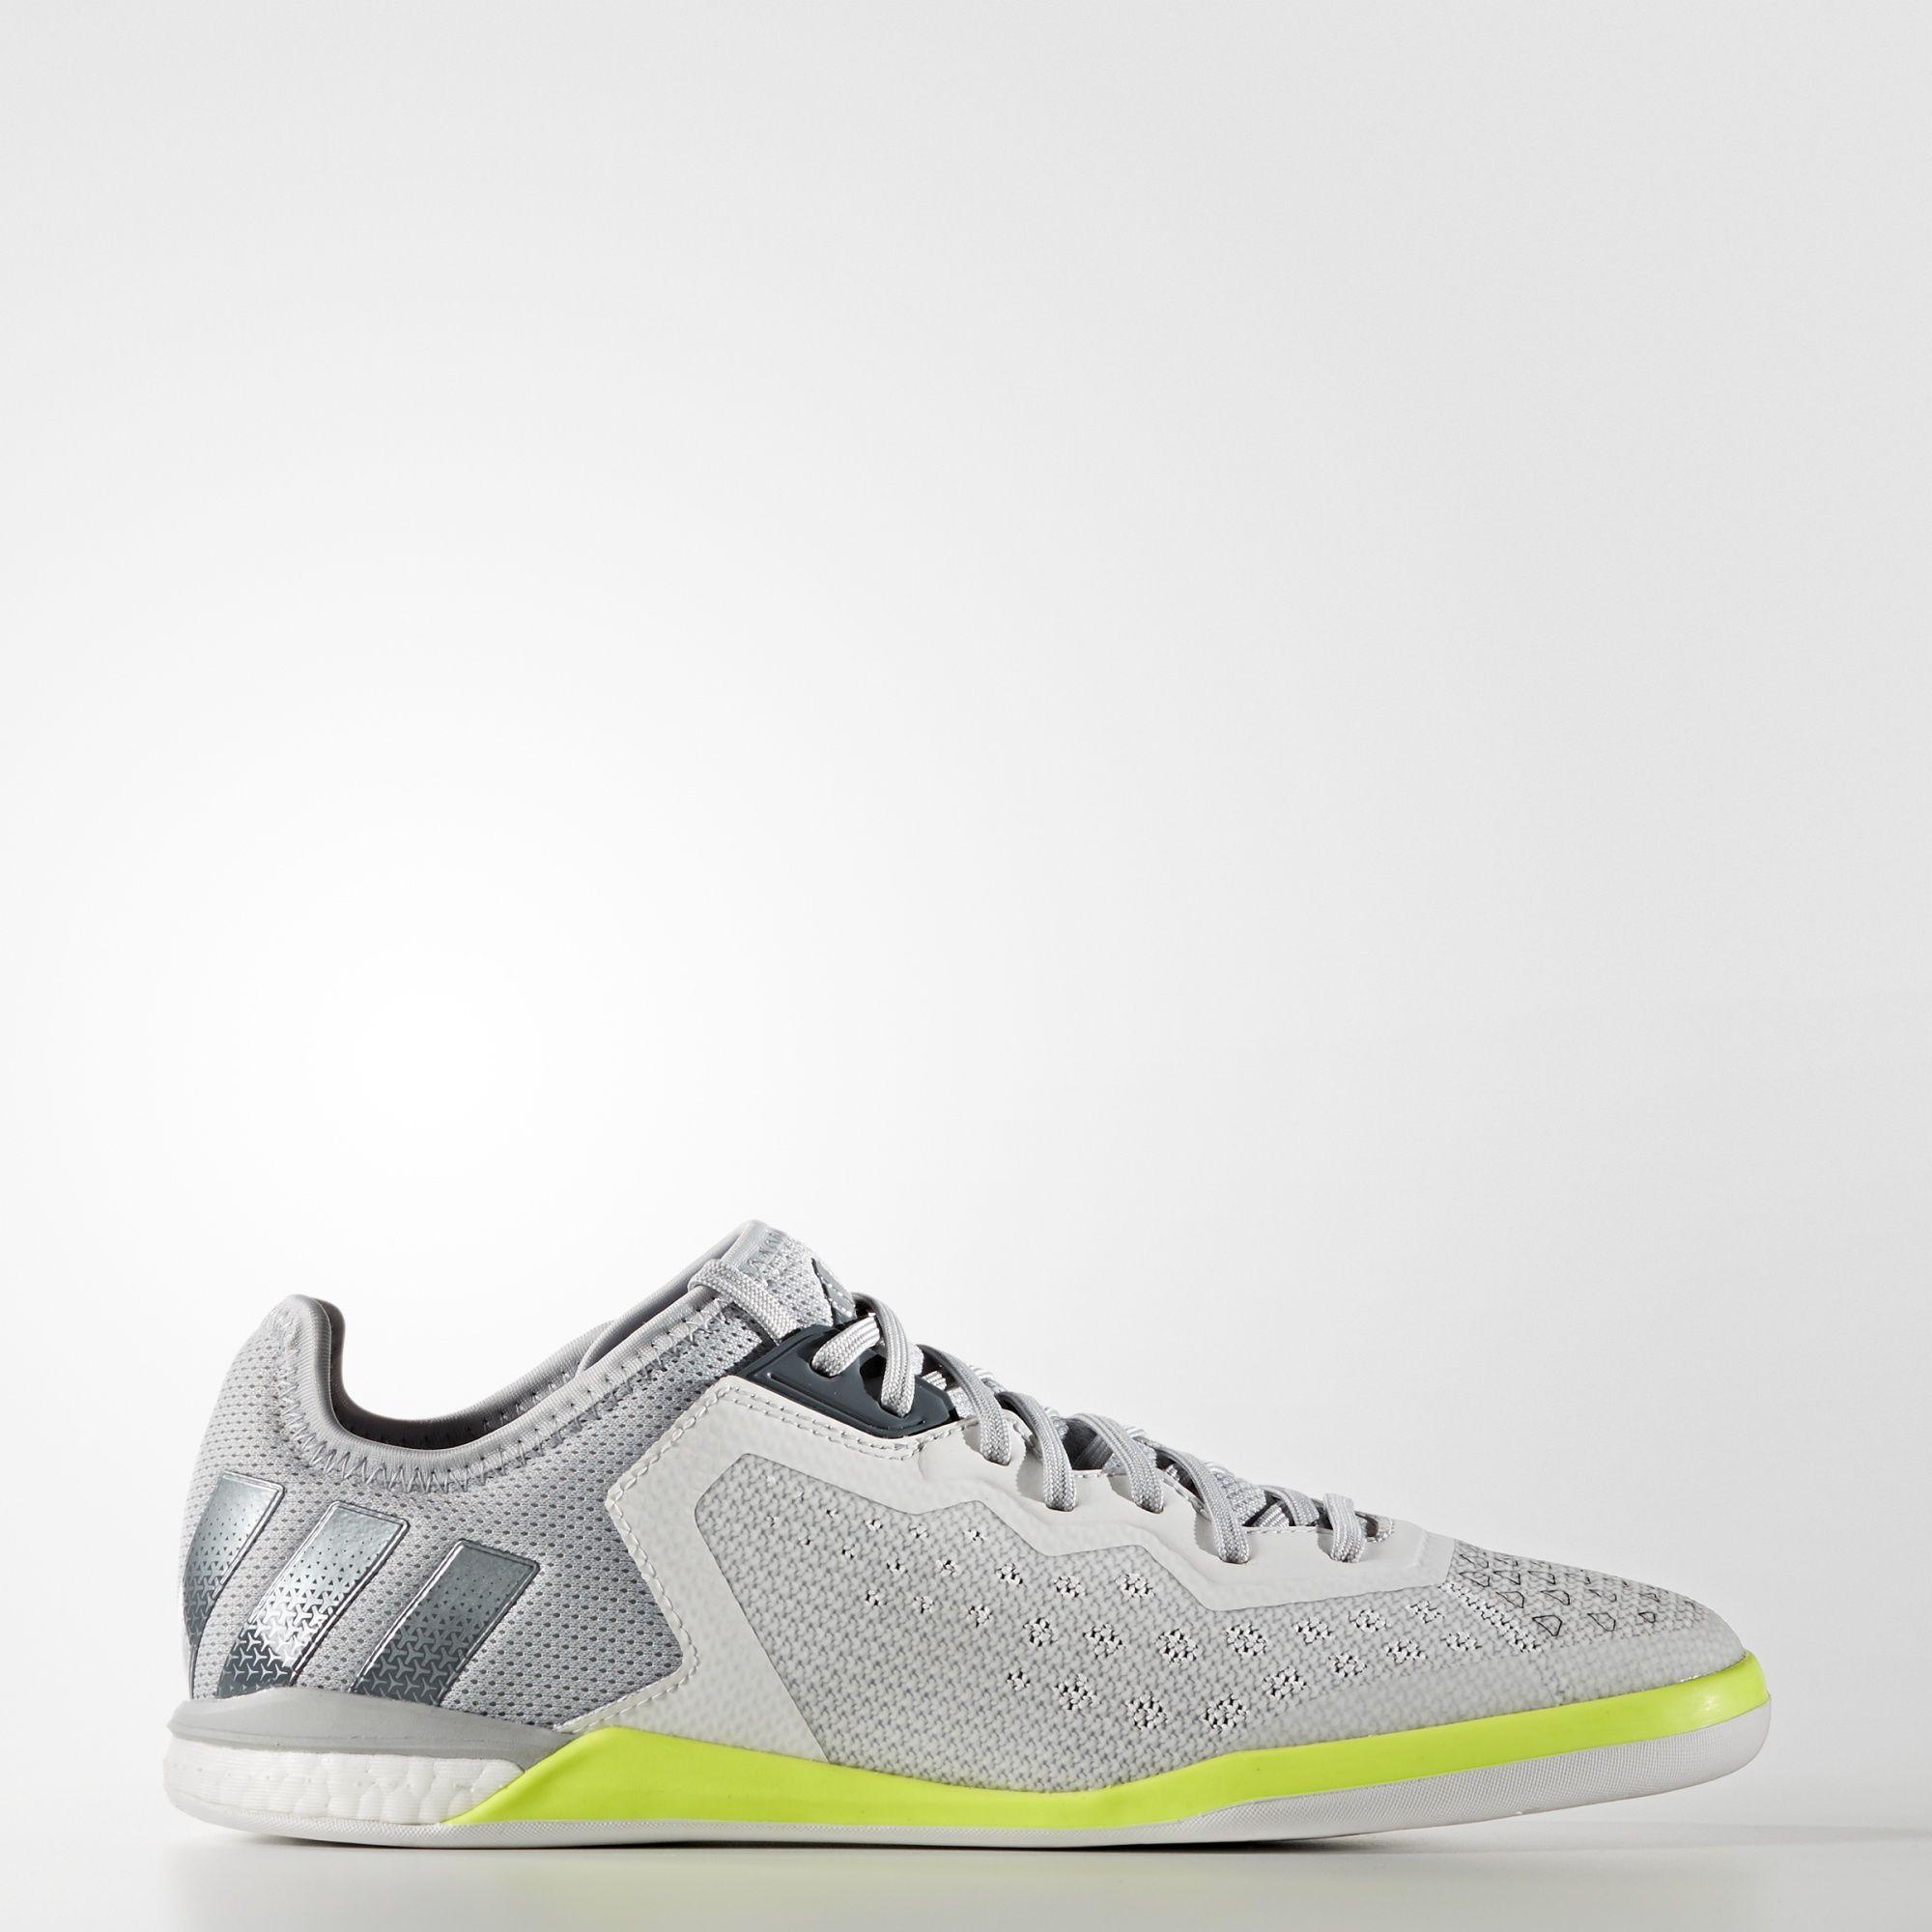 e1be70b98 ... new zealand adidas ace 16.1 court white yellow 78186 b22e3